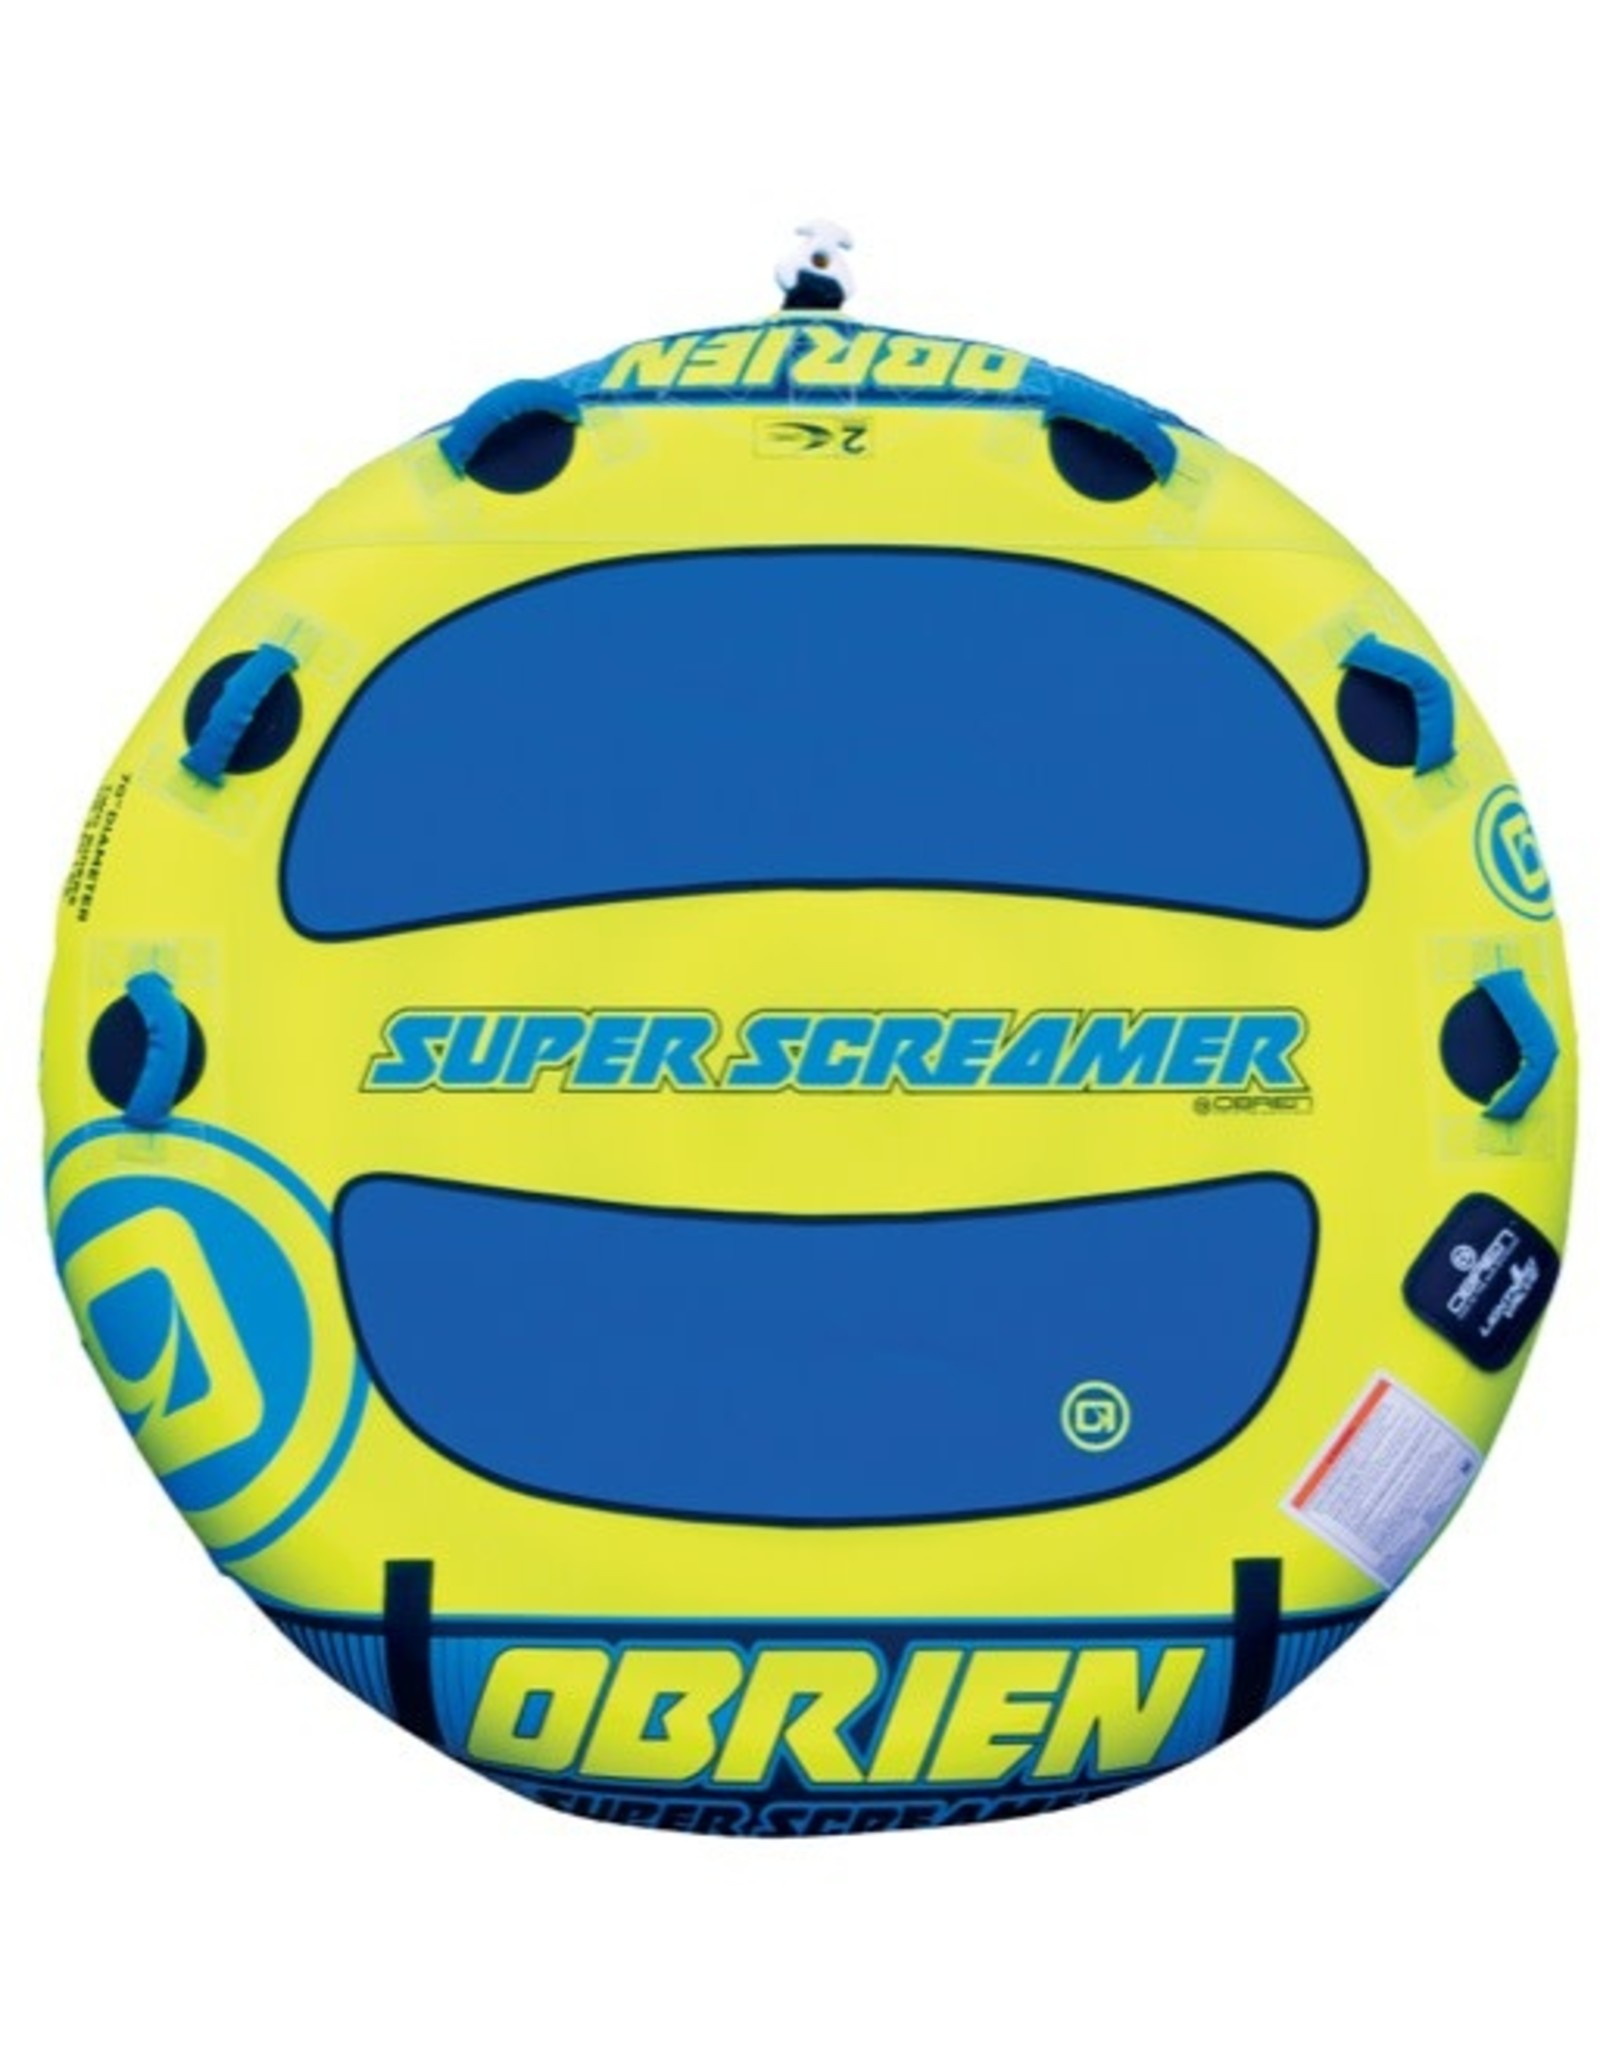 O'Brien Super Screamer 70